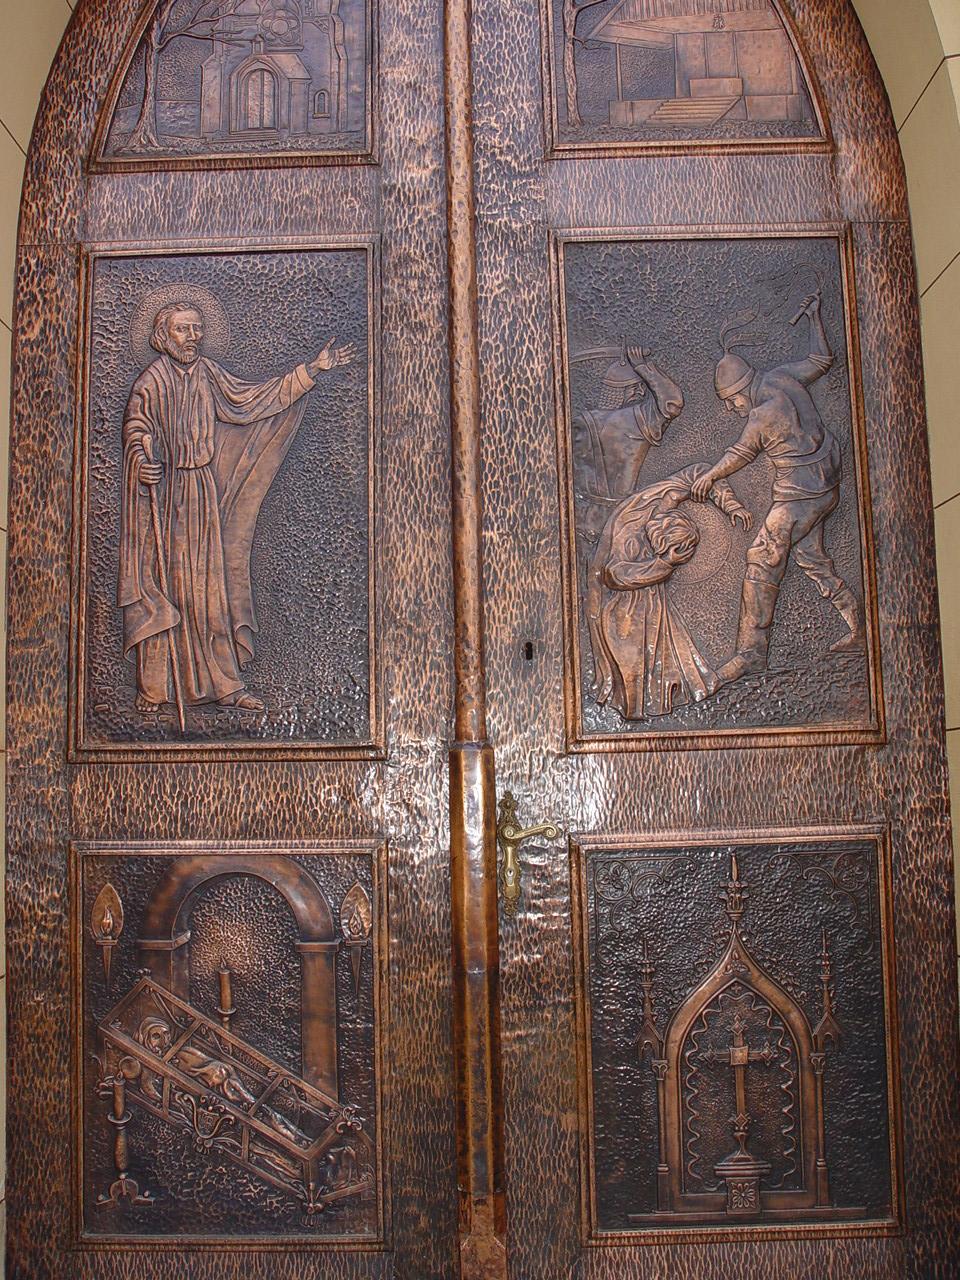 http://www.strachocina.przemyska.pl/historia/grafika/galeria_kosciol_obejscie/DSC02594.JPG